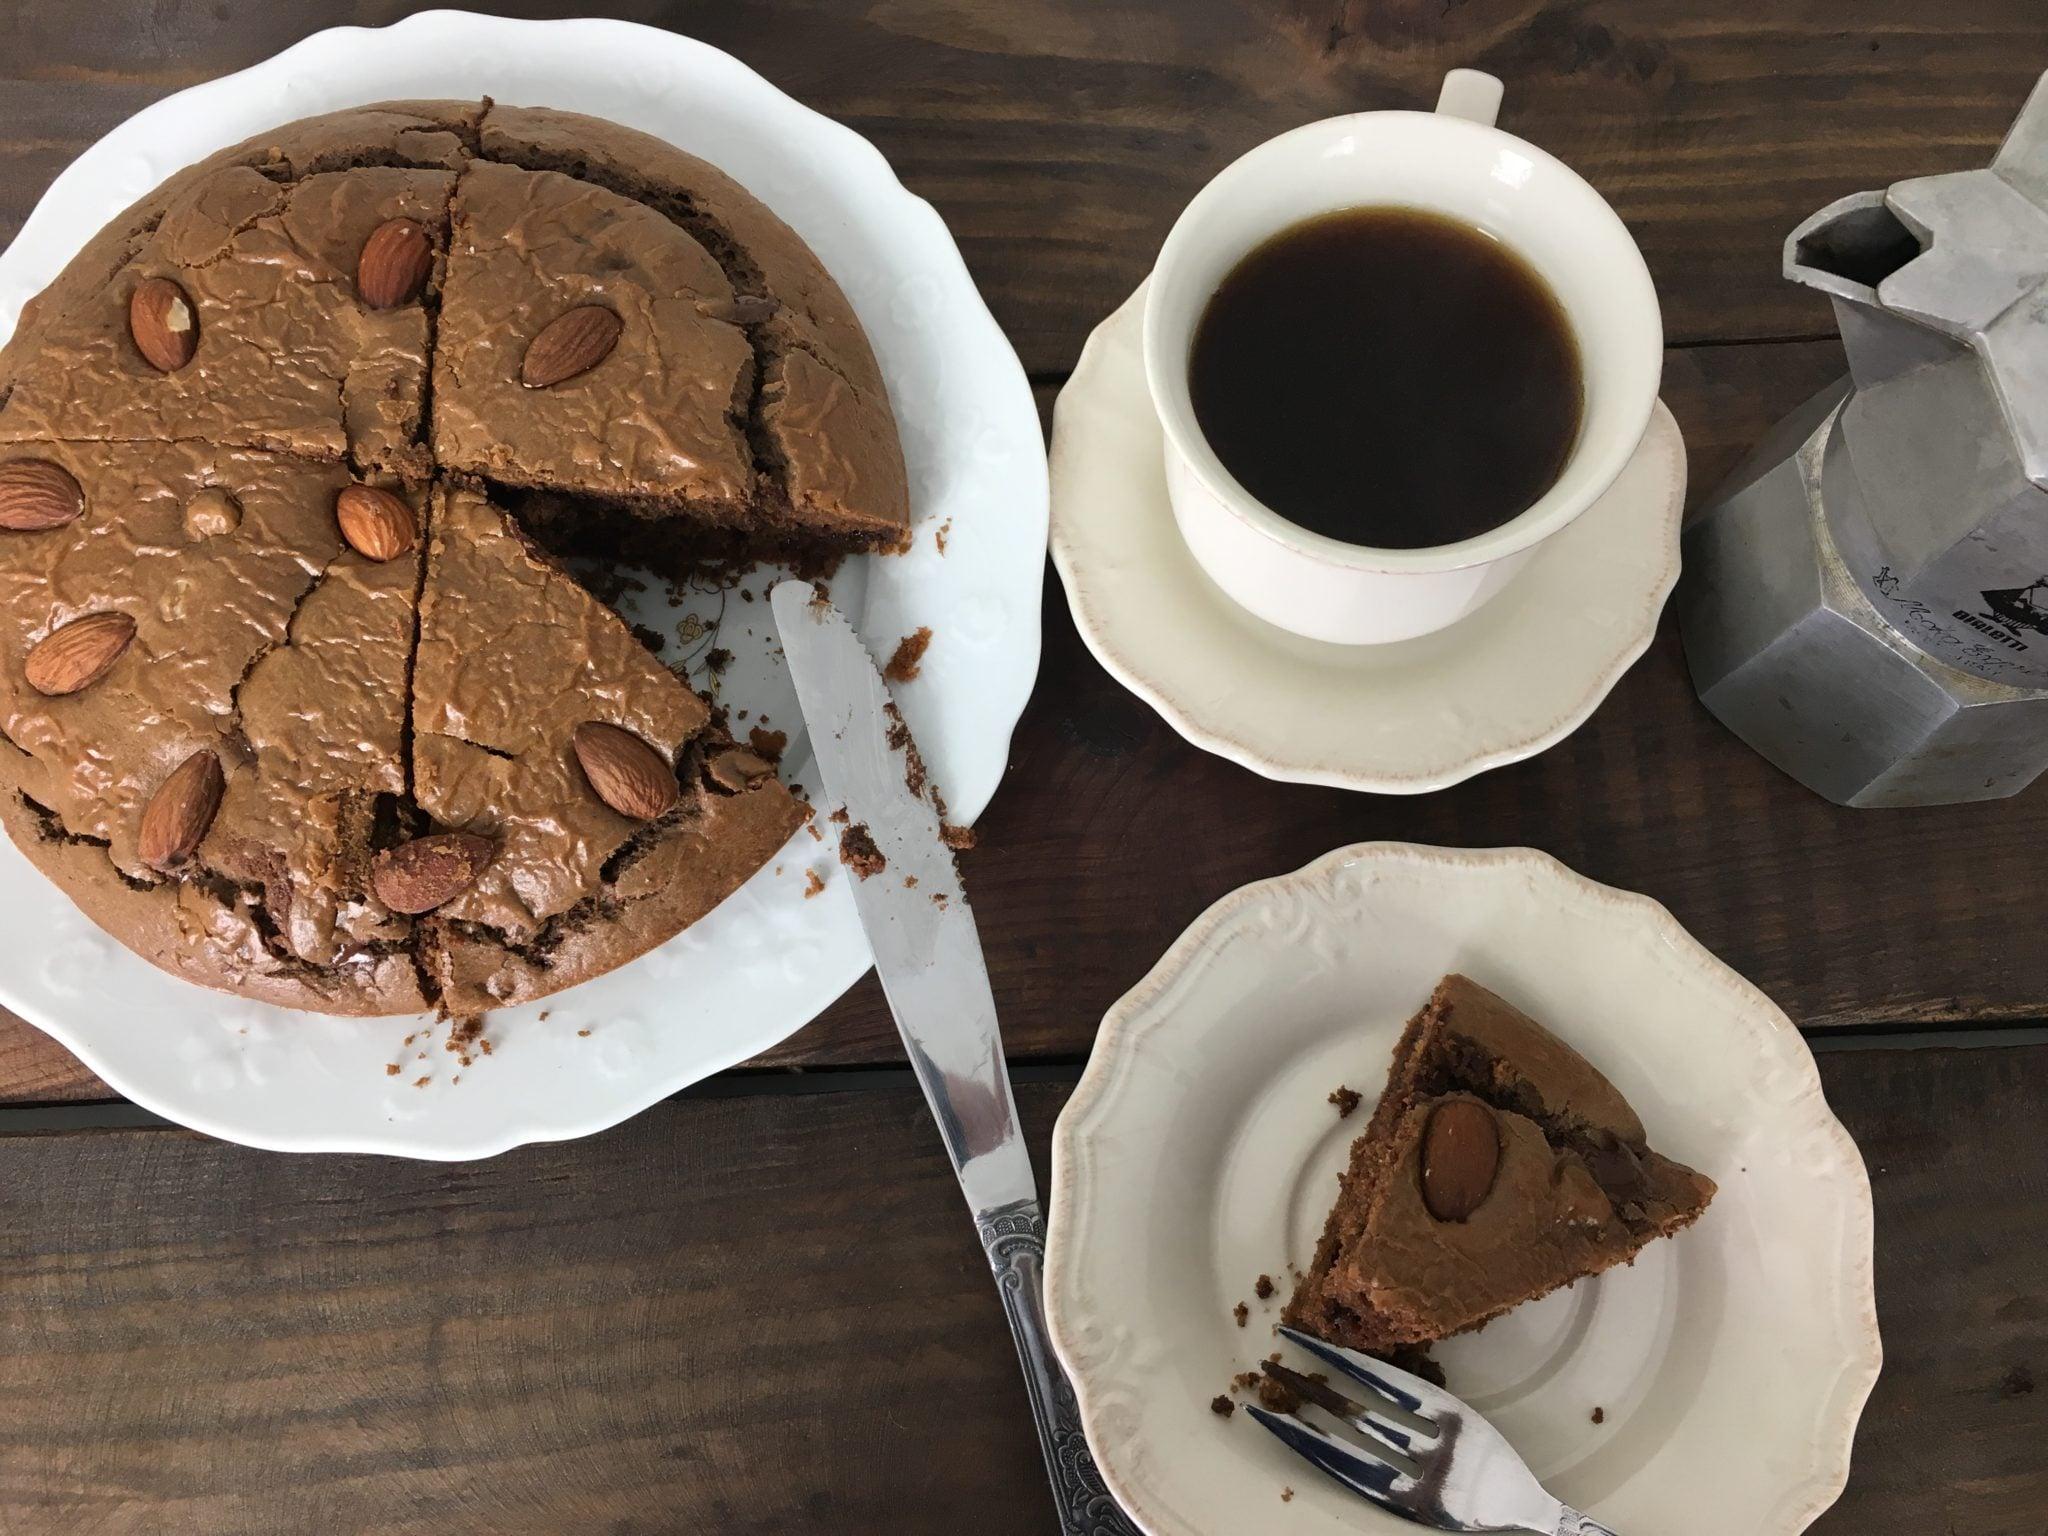 Gâteau au chocolat indice glycémique bas